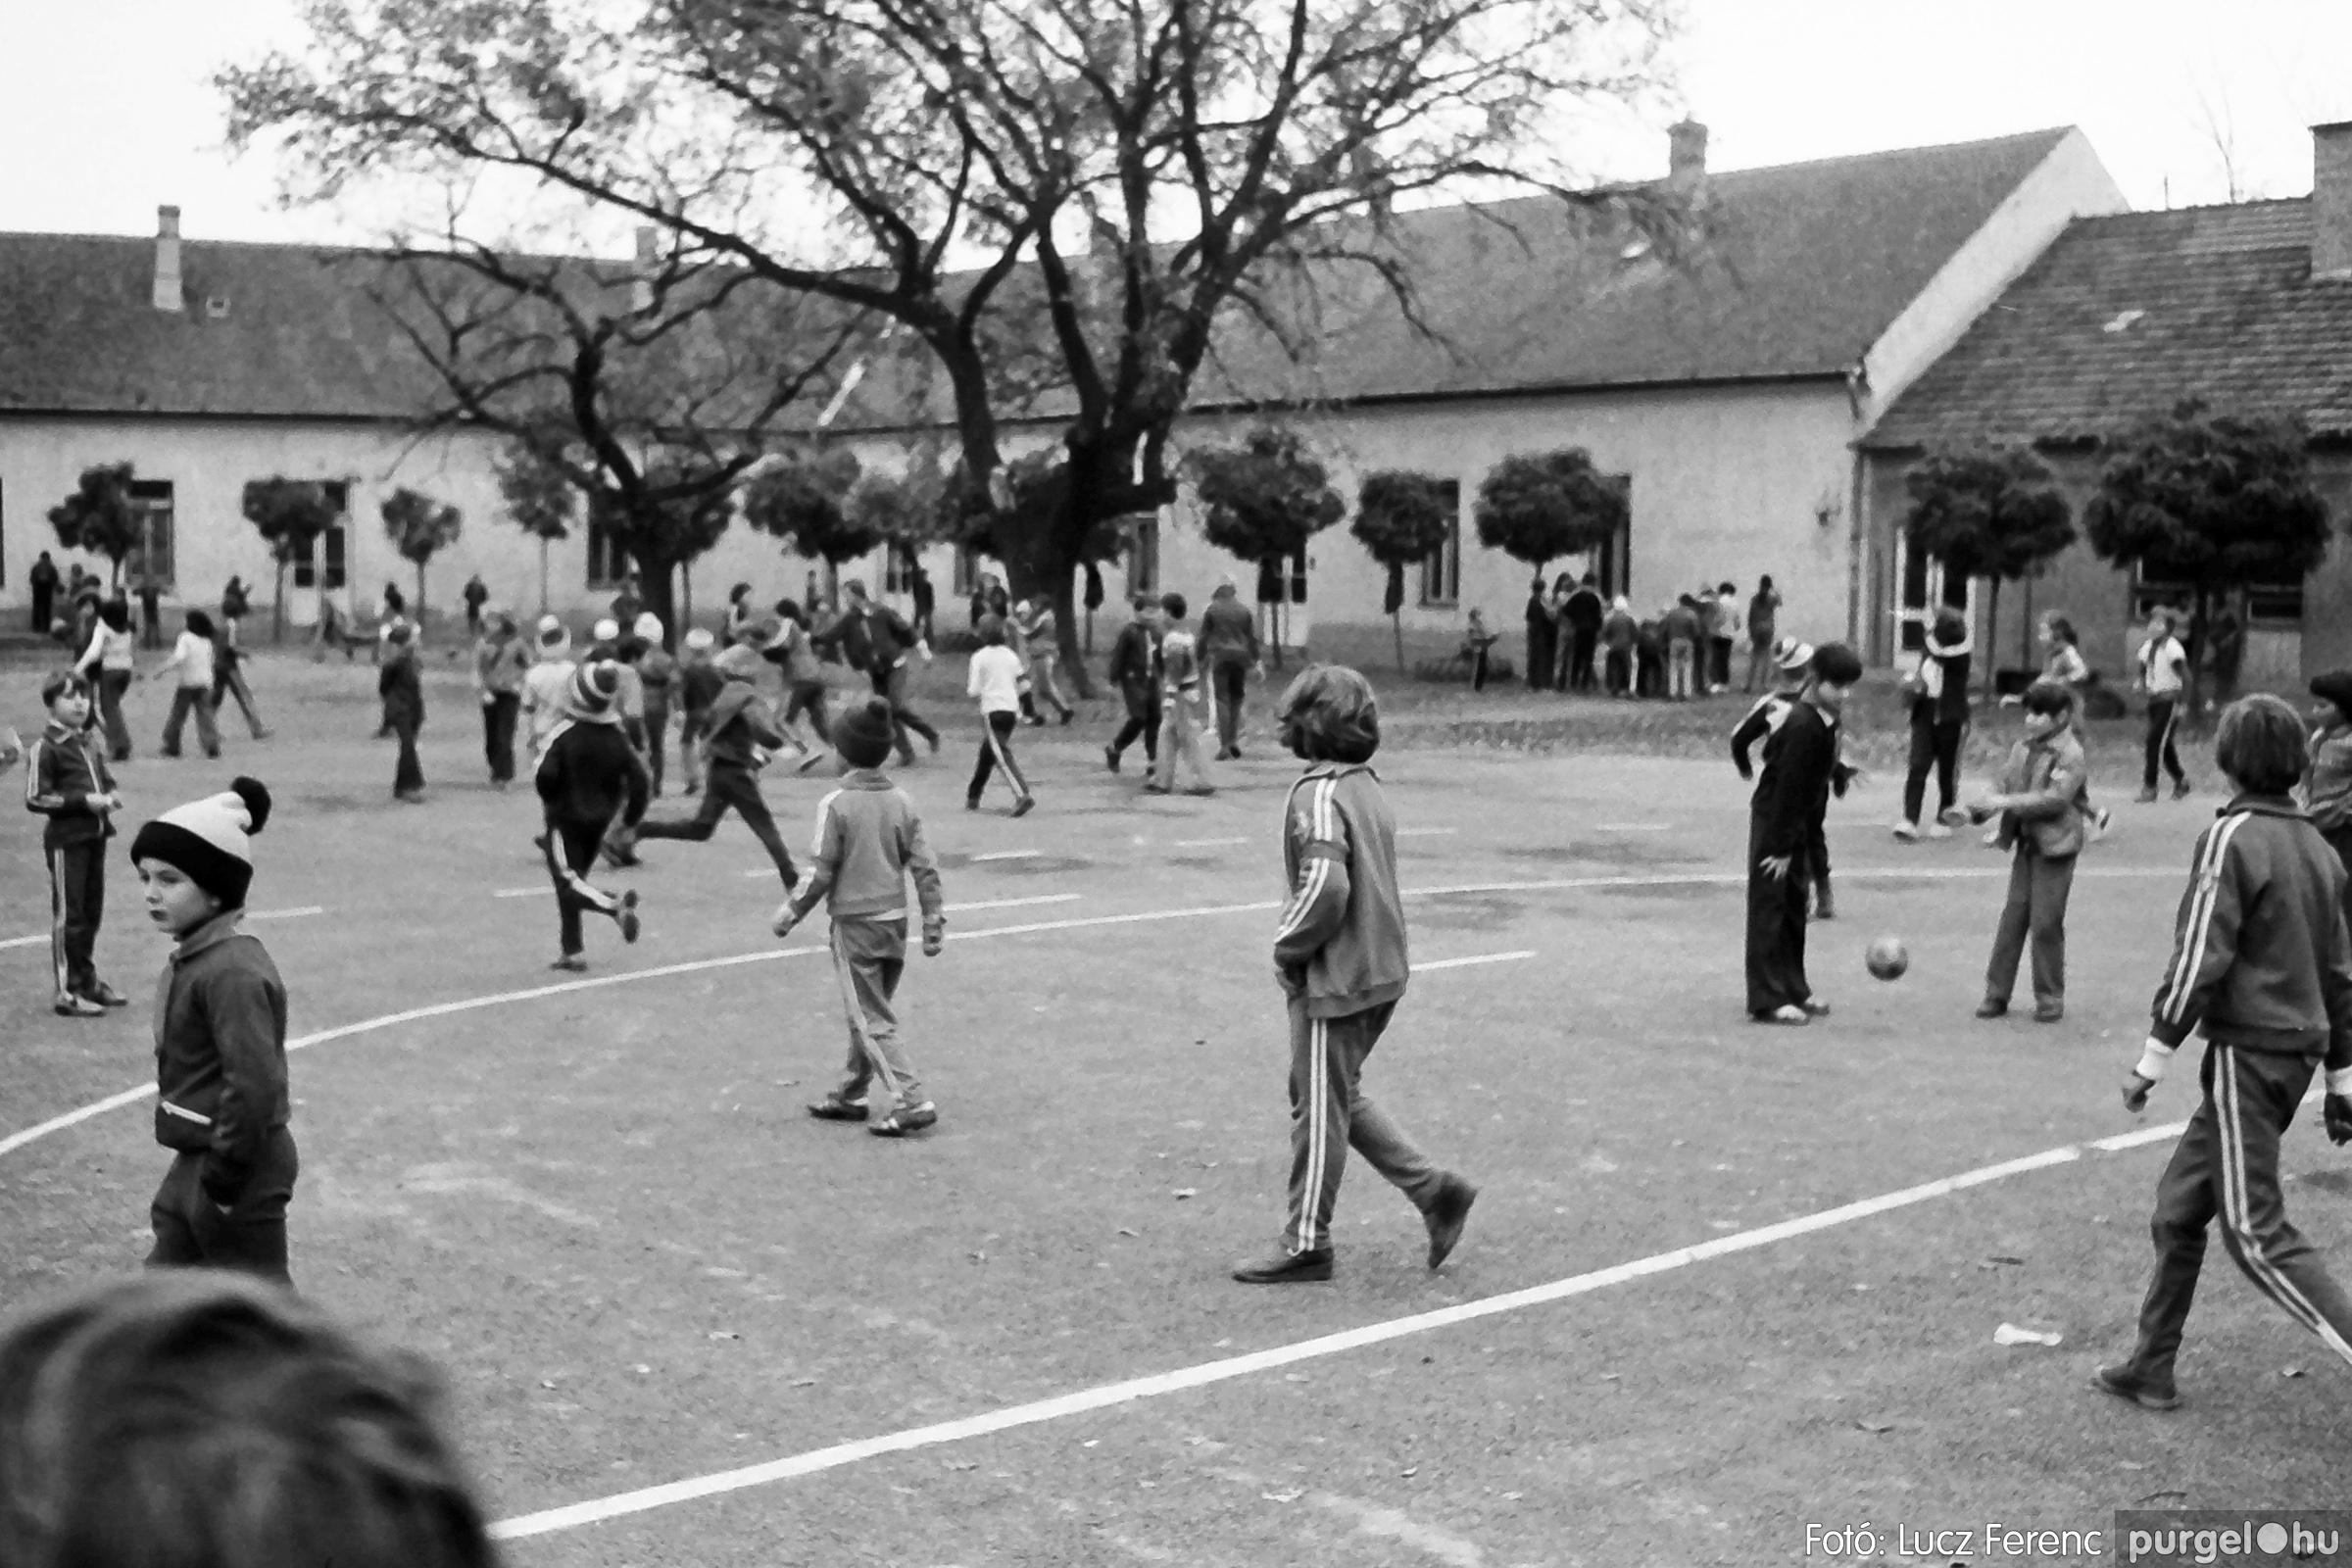 092. 1977. Úttörő rendezvény a Központi Általános Iskolában 009. - Fotó: Lucz Ferenc.jpg